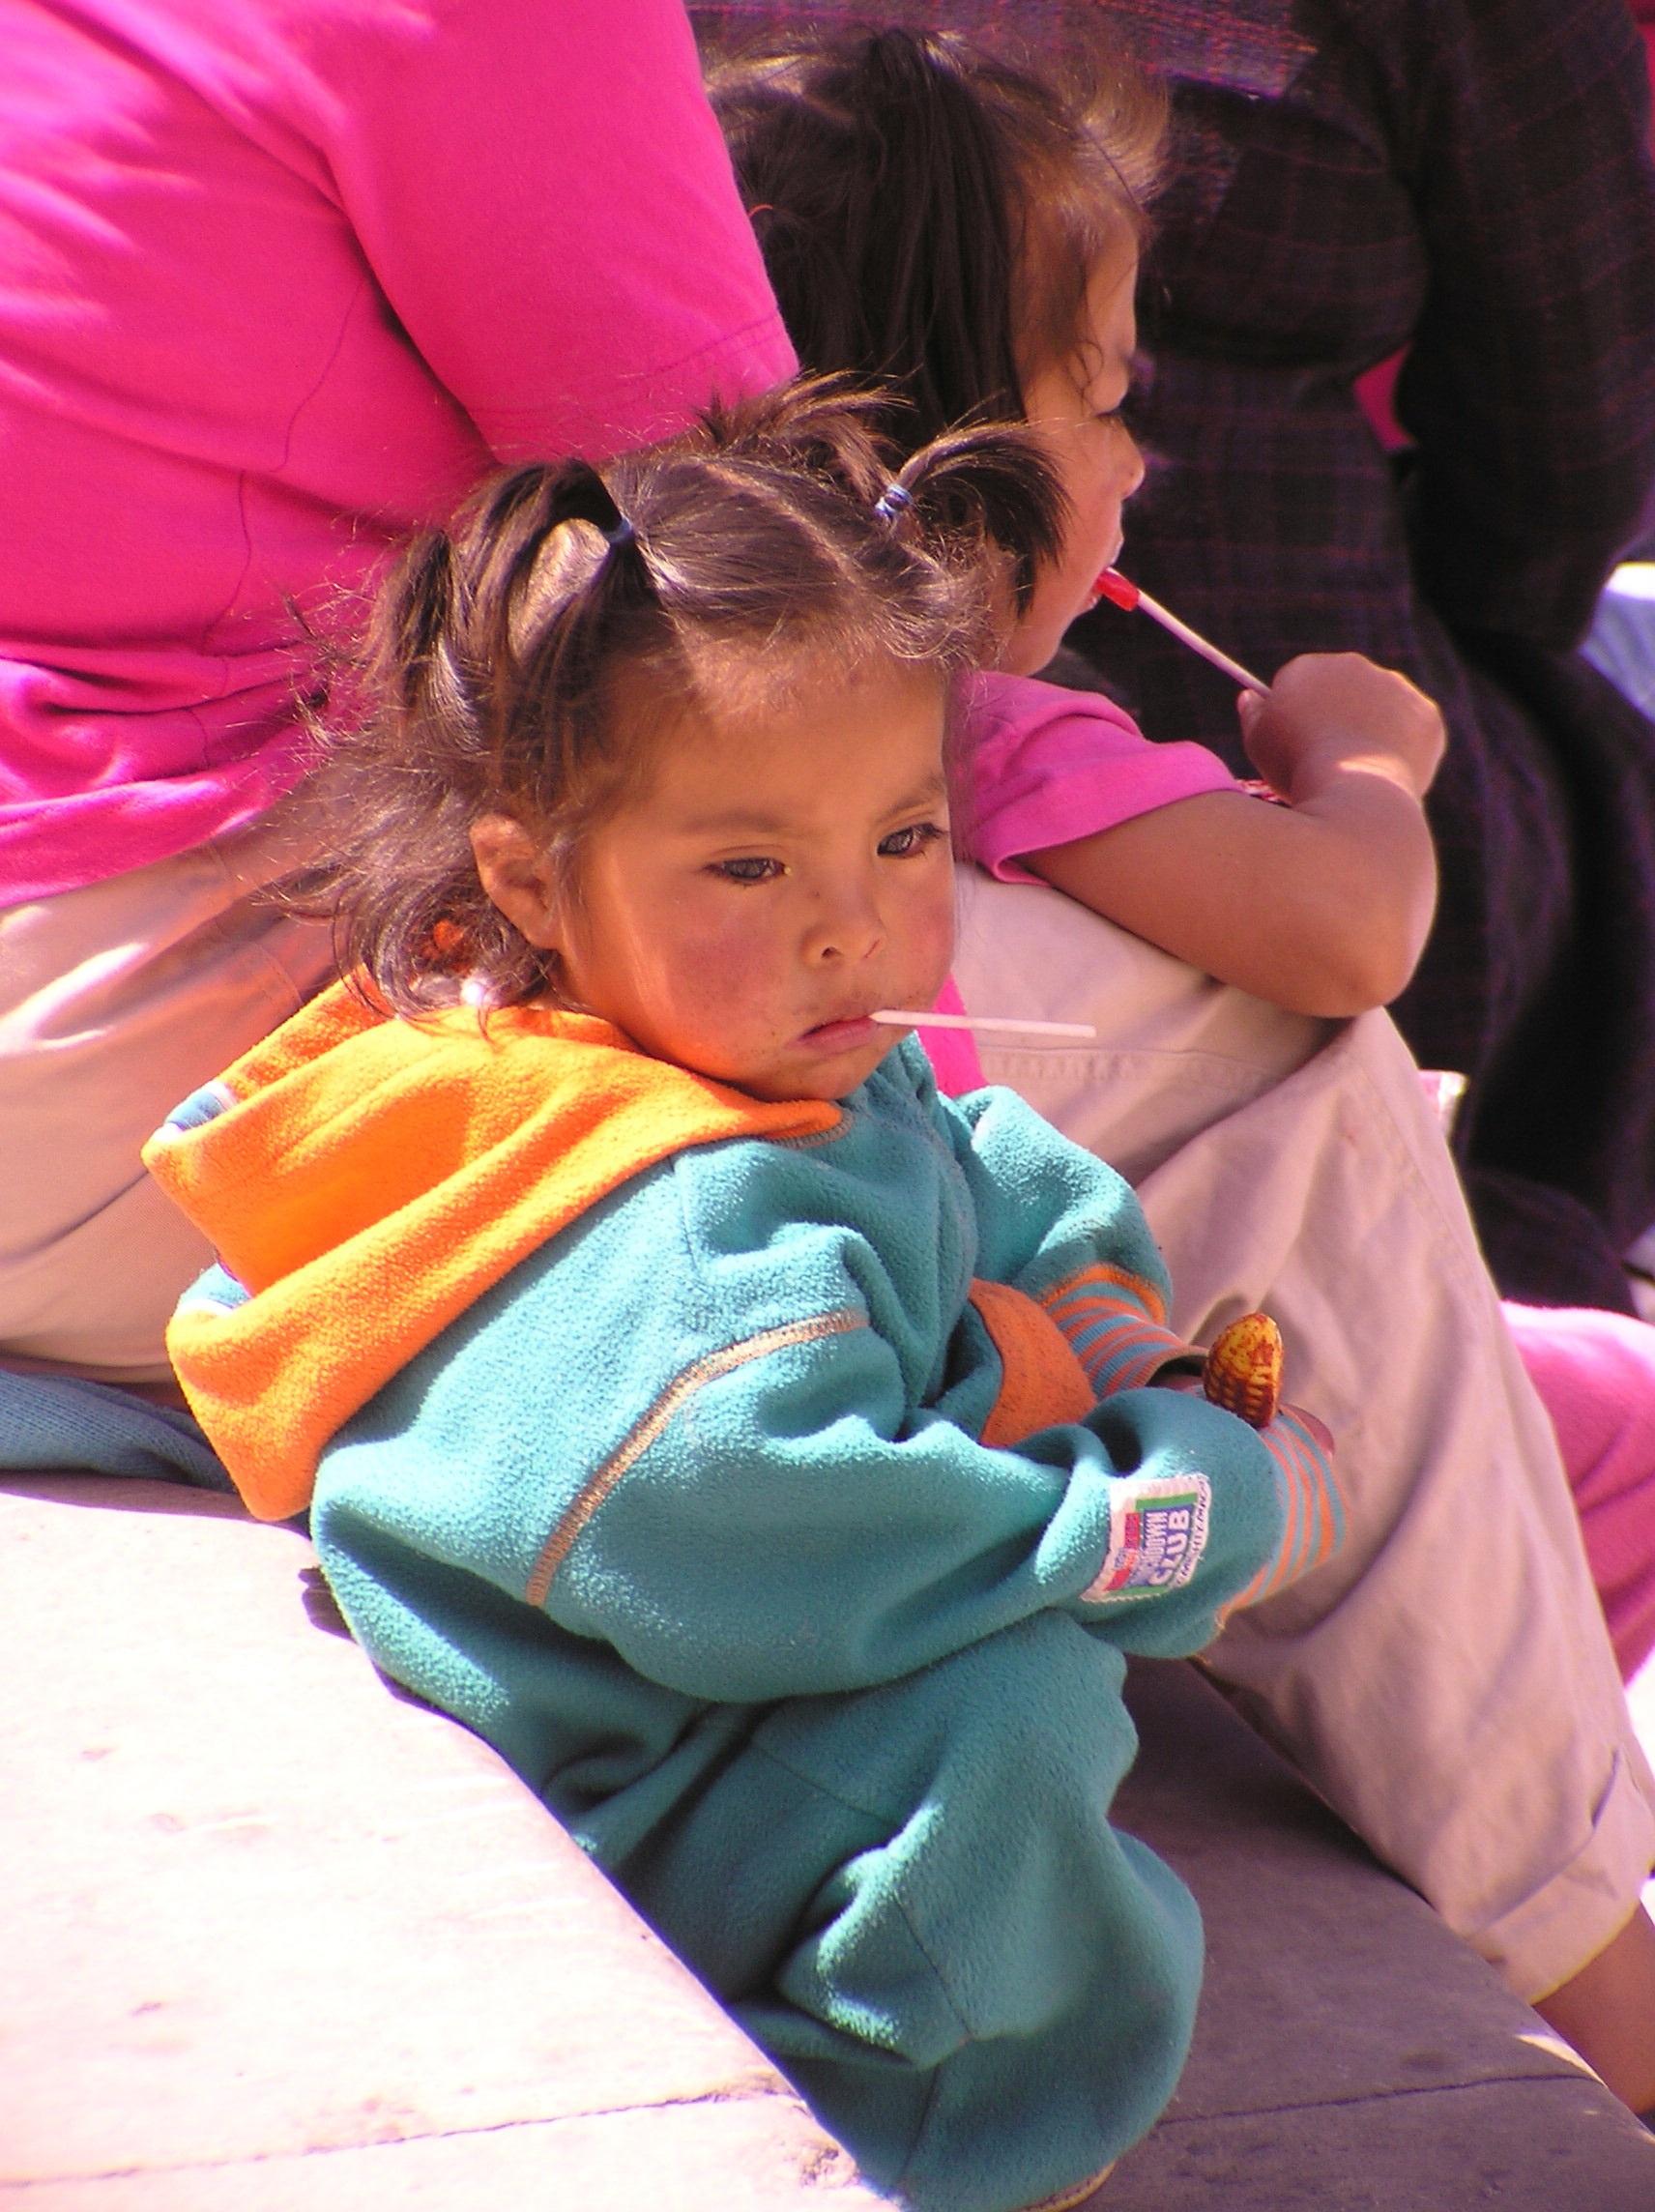 98f0e06ea85c4 pessoa pessoas menina Toque Primavera cor sentado criança colorida México  infantil Criança cultura traje mexicano cultural